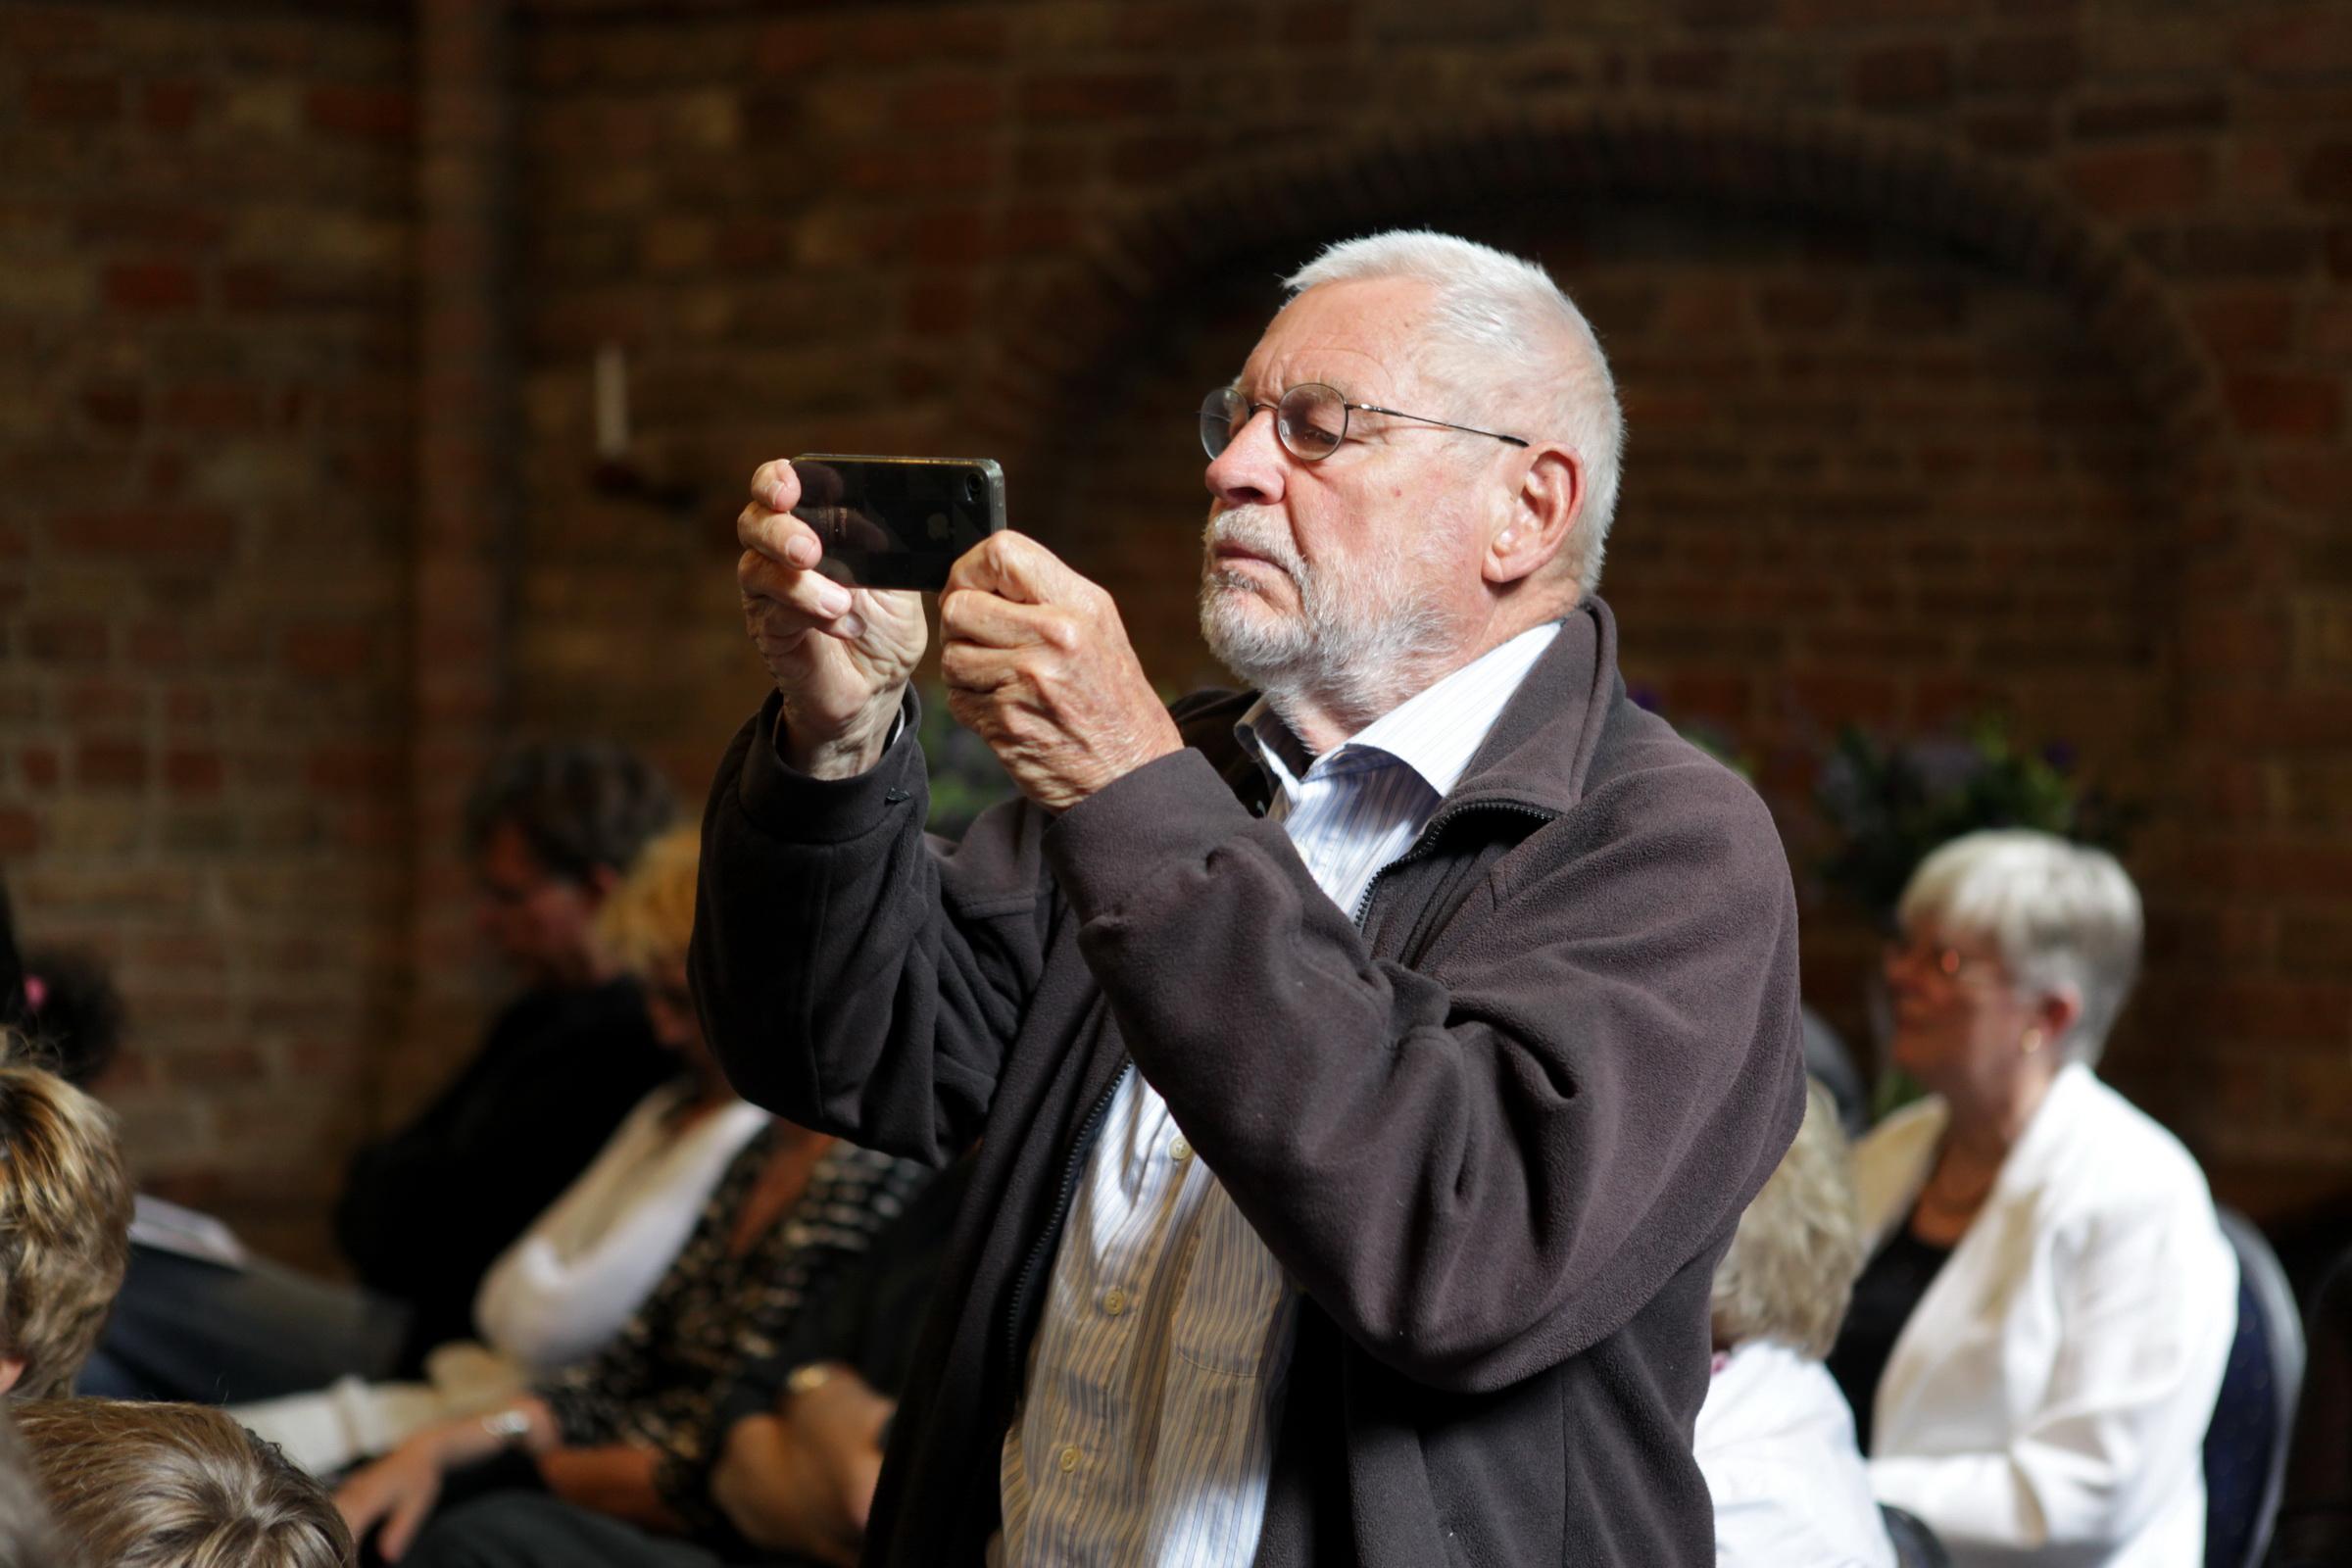 Wim Zwiers tijdens de presentatie van 'De prentkunst van Peter Lazarov' - 1-7-2011